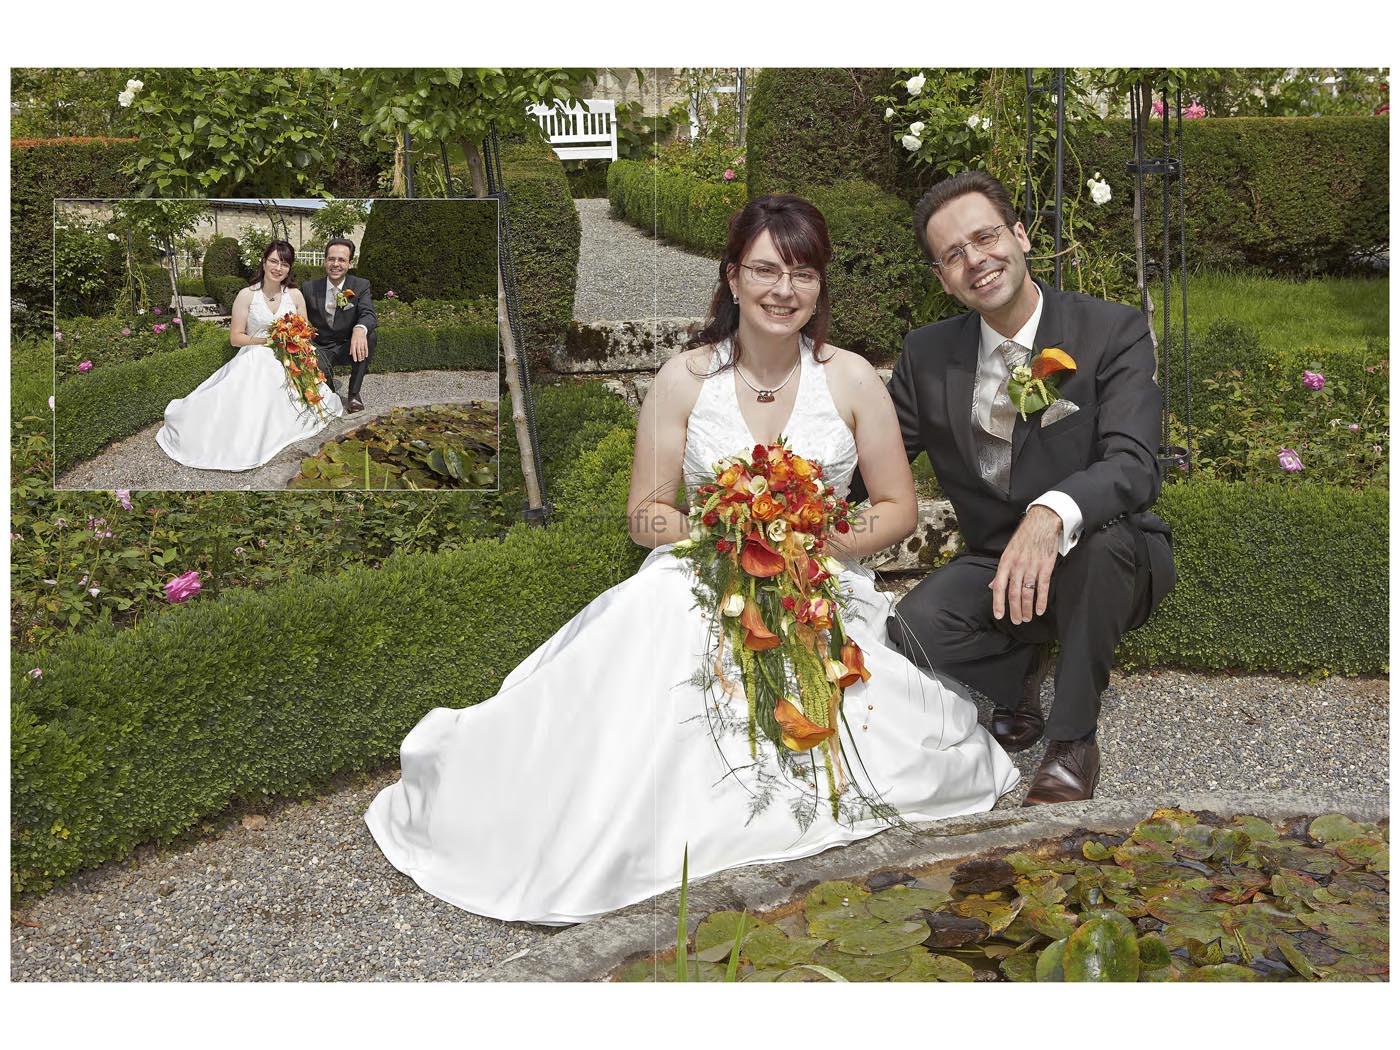 Seiten aus wedding_aargau2011-2